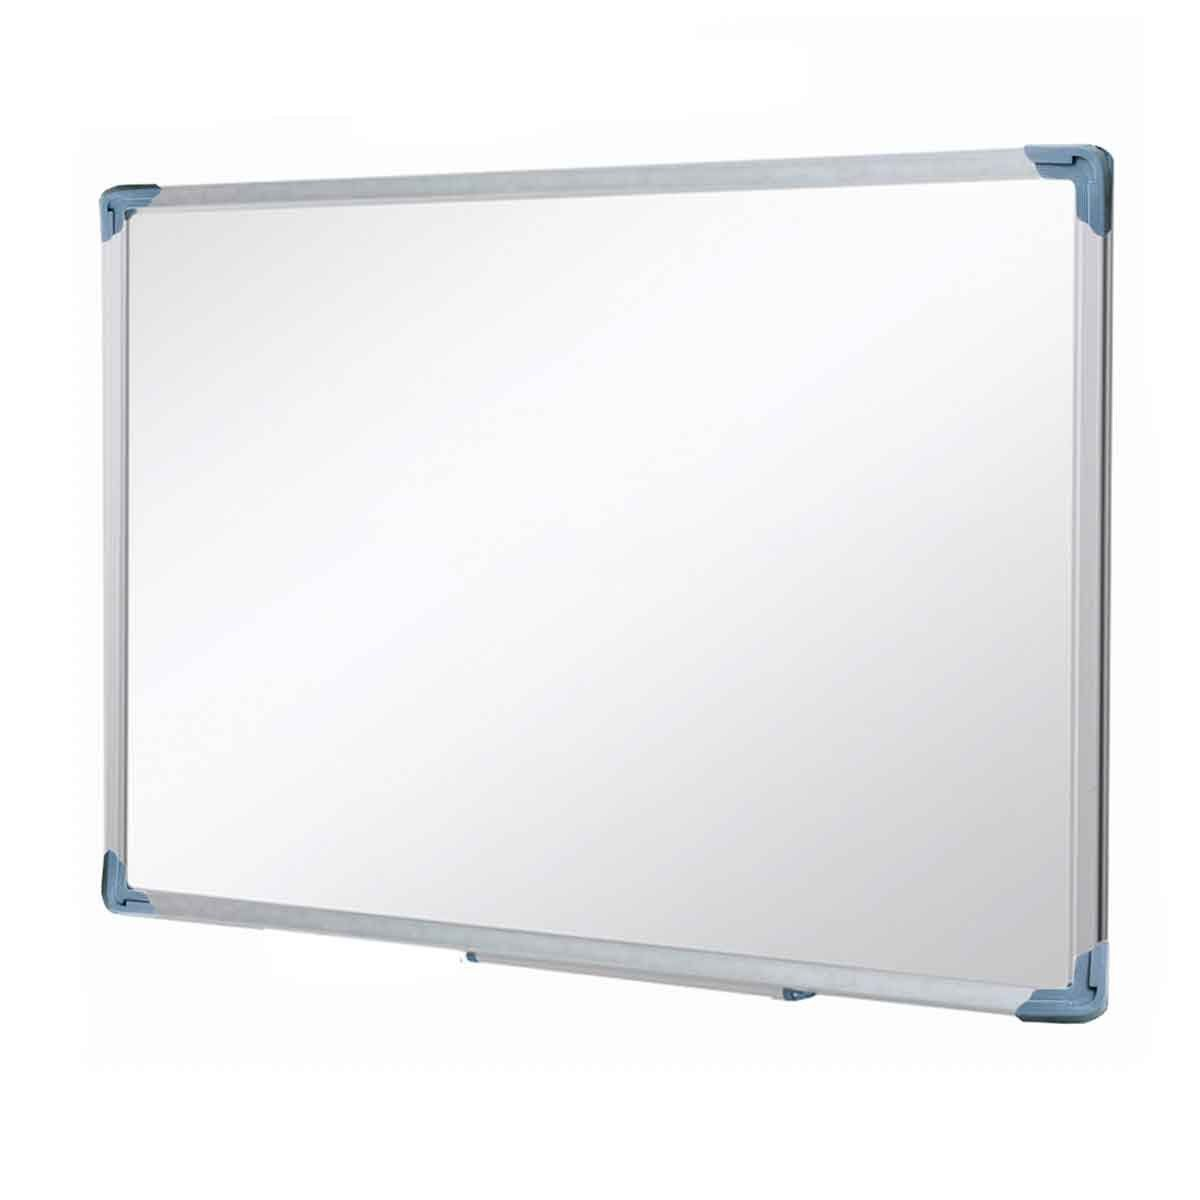 Lousa 100x80cm Quadro Branco Com Moldura De Alumínio